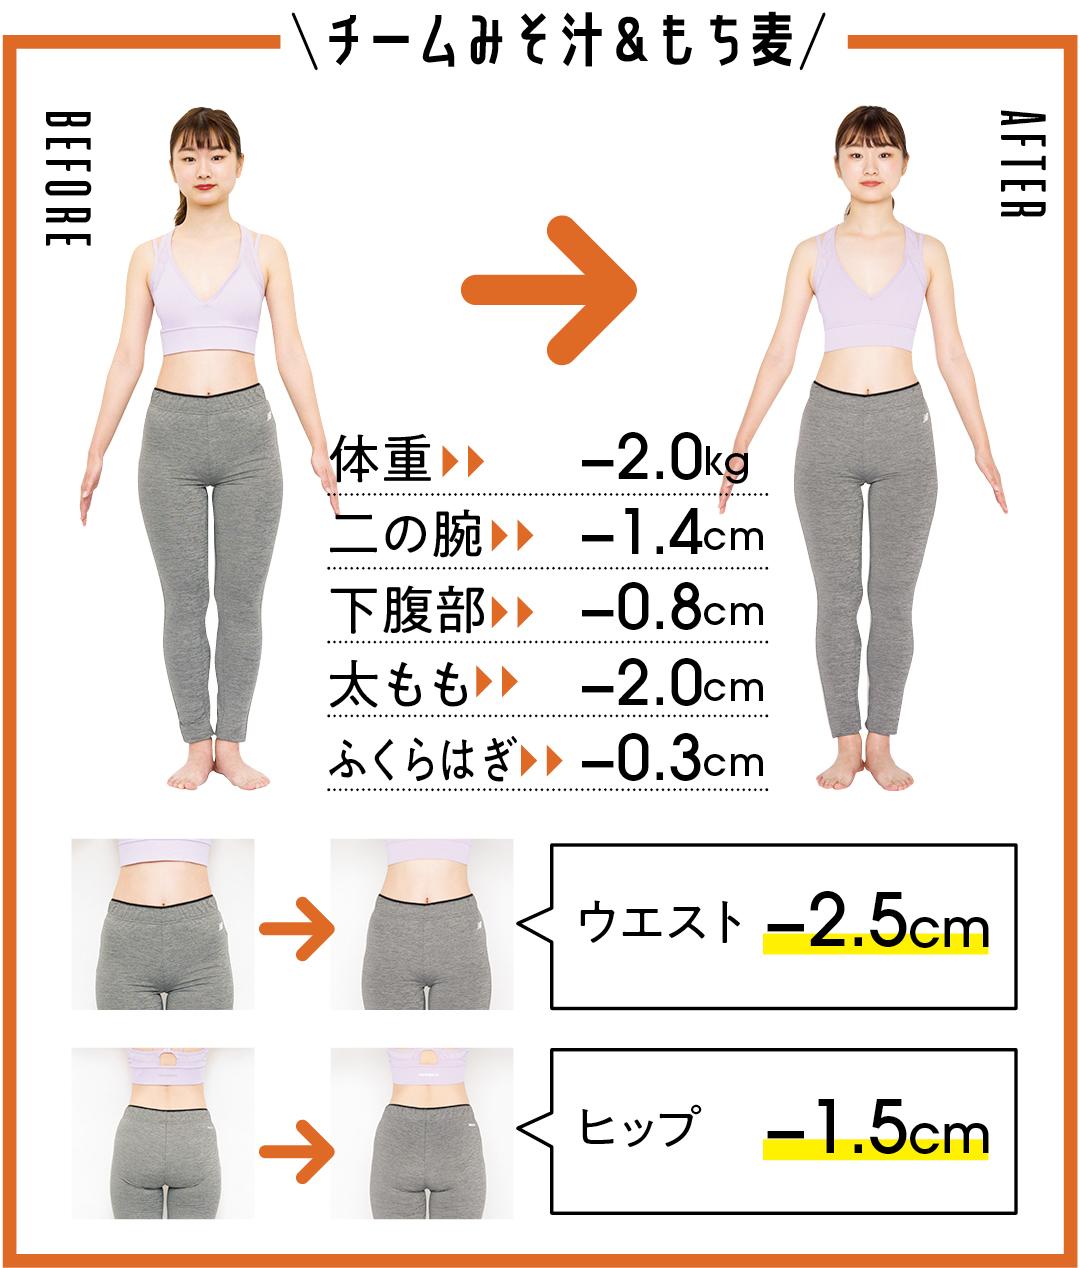 チームみそ汁&もち麦 体重-2.0kg 二の腕-1.4cm 下腹部-0.8cm 太もも-2.0cm ふくらはぎ-0.3cm ウエスト-2.5cm ヒップ-1.5cm